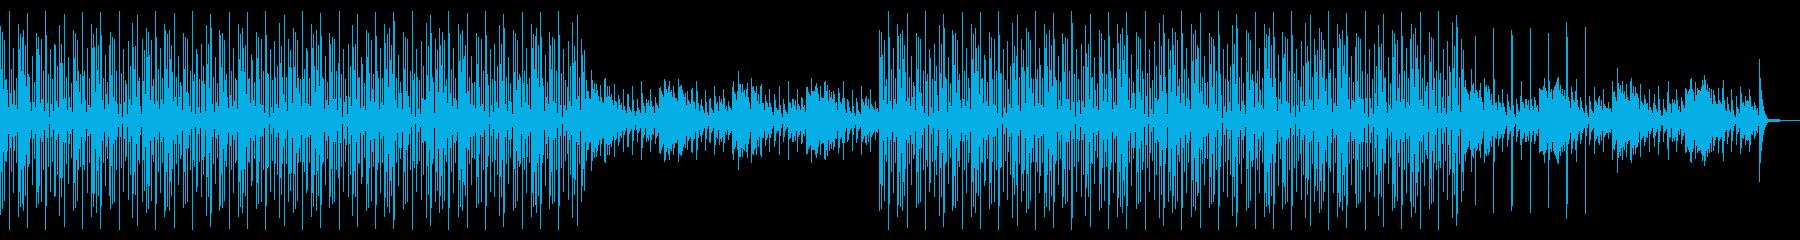 チルアウト・ヒップホップ・穏やかの再生済みの波形